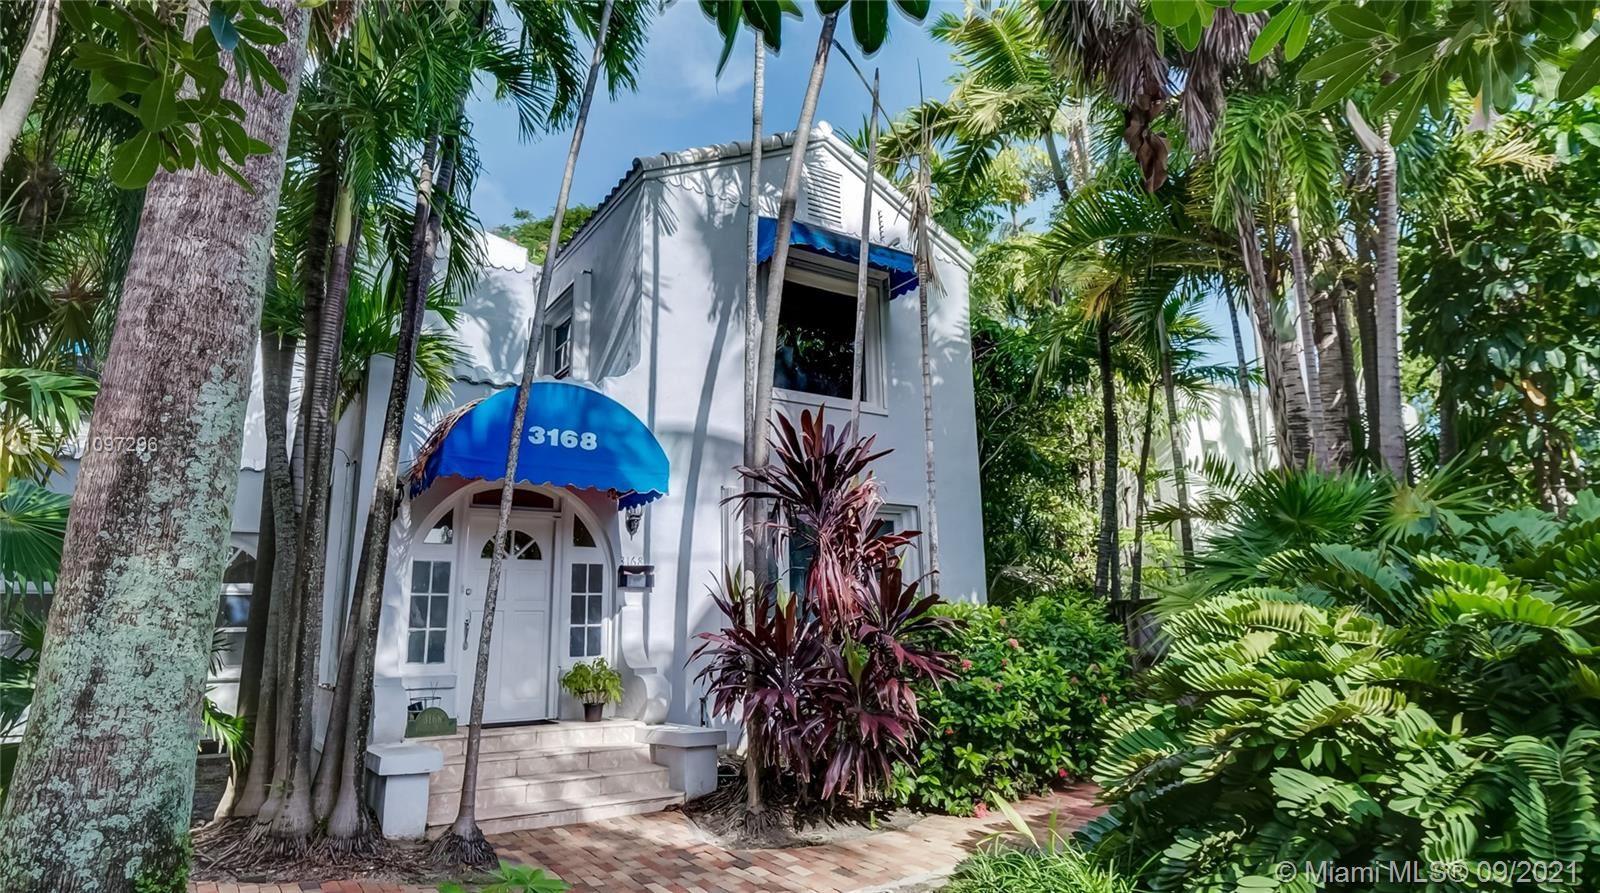 3168 Prairie Ave, Miami Beach, FL 33140 - #: A11097296